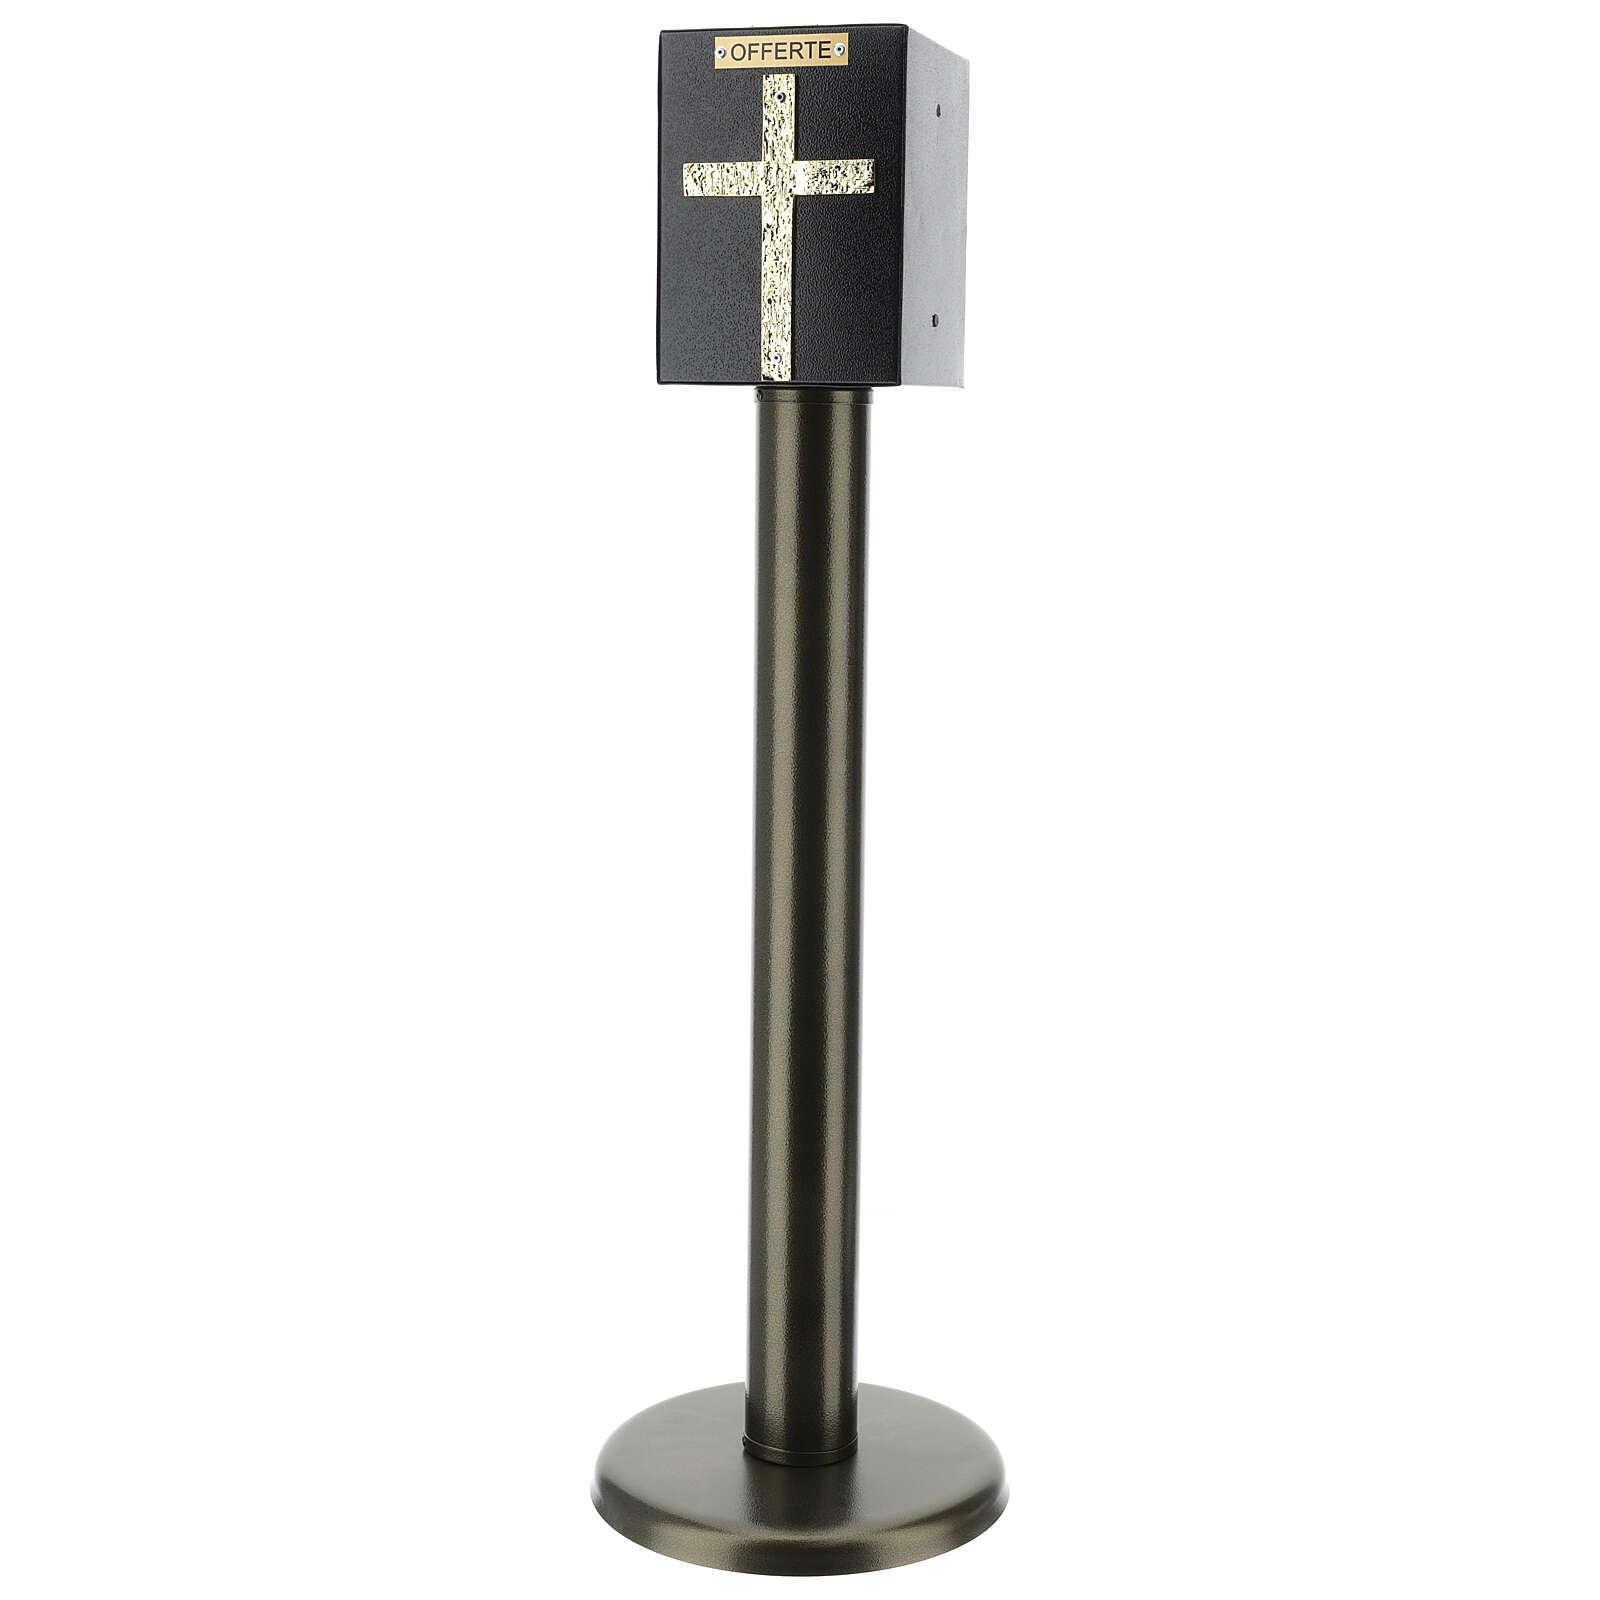 Columna para ofrendas iglesia bronceada con caja blindada 4